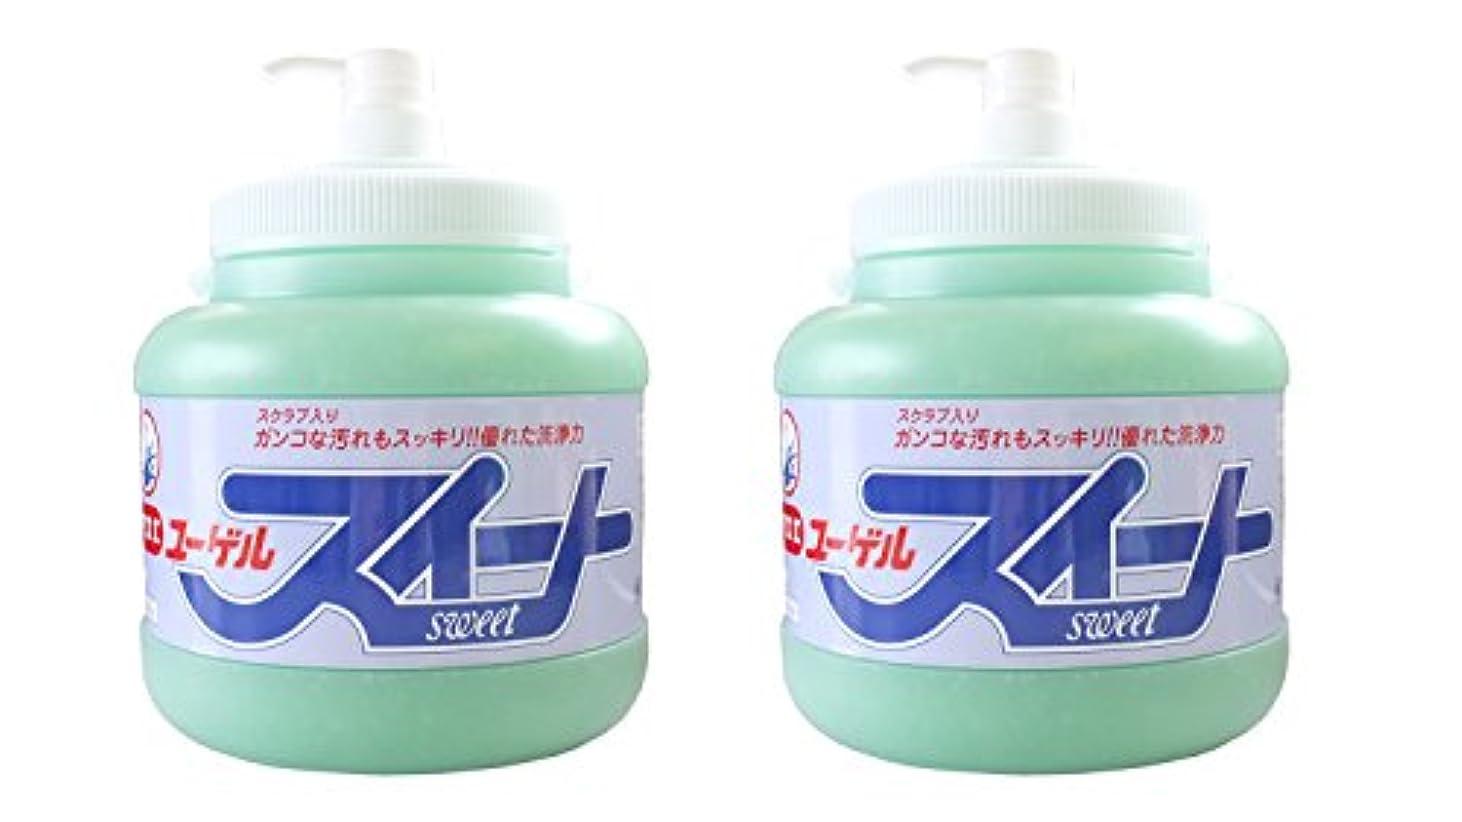 日ダウンレンディション手の汚れや臭いを水なしで素早く落とす新洗剤。スクラブでガンコな油汚れもサッと落とす!ユーゲルスイート[ポンプ式]2.5kg×2本